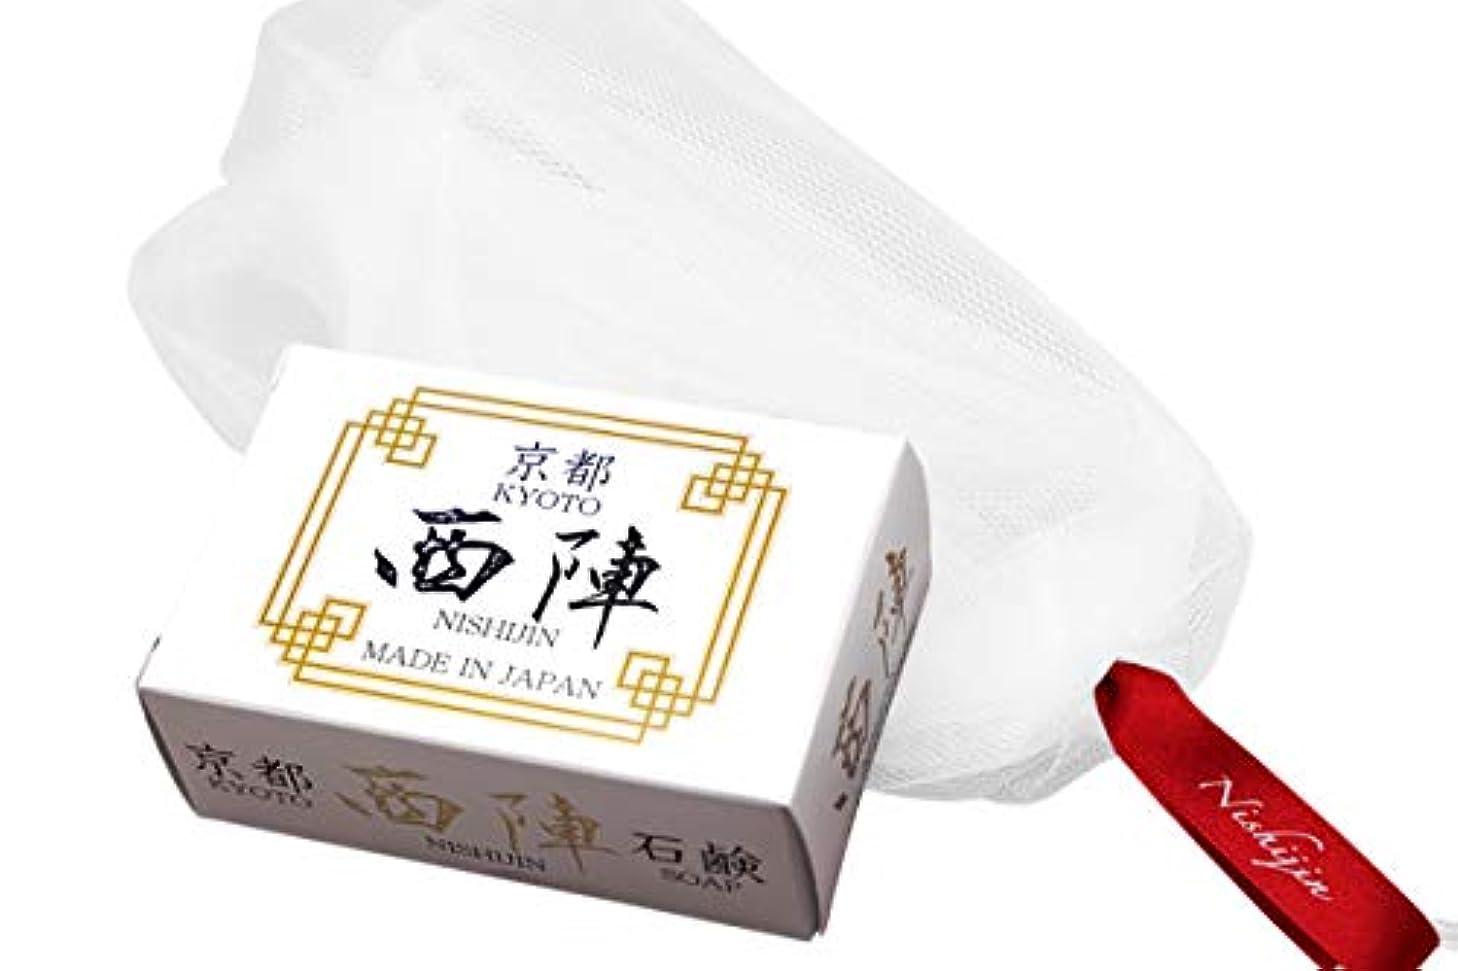 質量バルコニーなので京都 創業120年の白山湯監修 洗顔用石鹸『黒門一条』?石鹸用泡立てネット『綾部』の美肌スキンケアセット